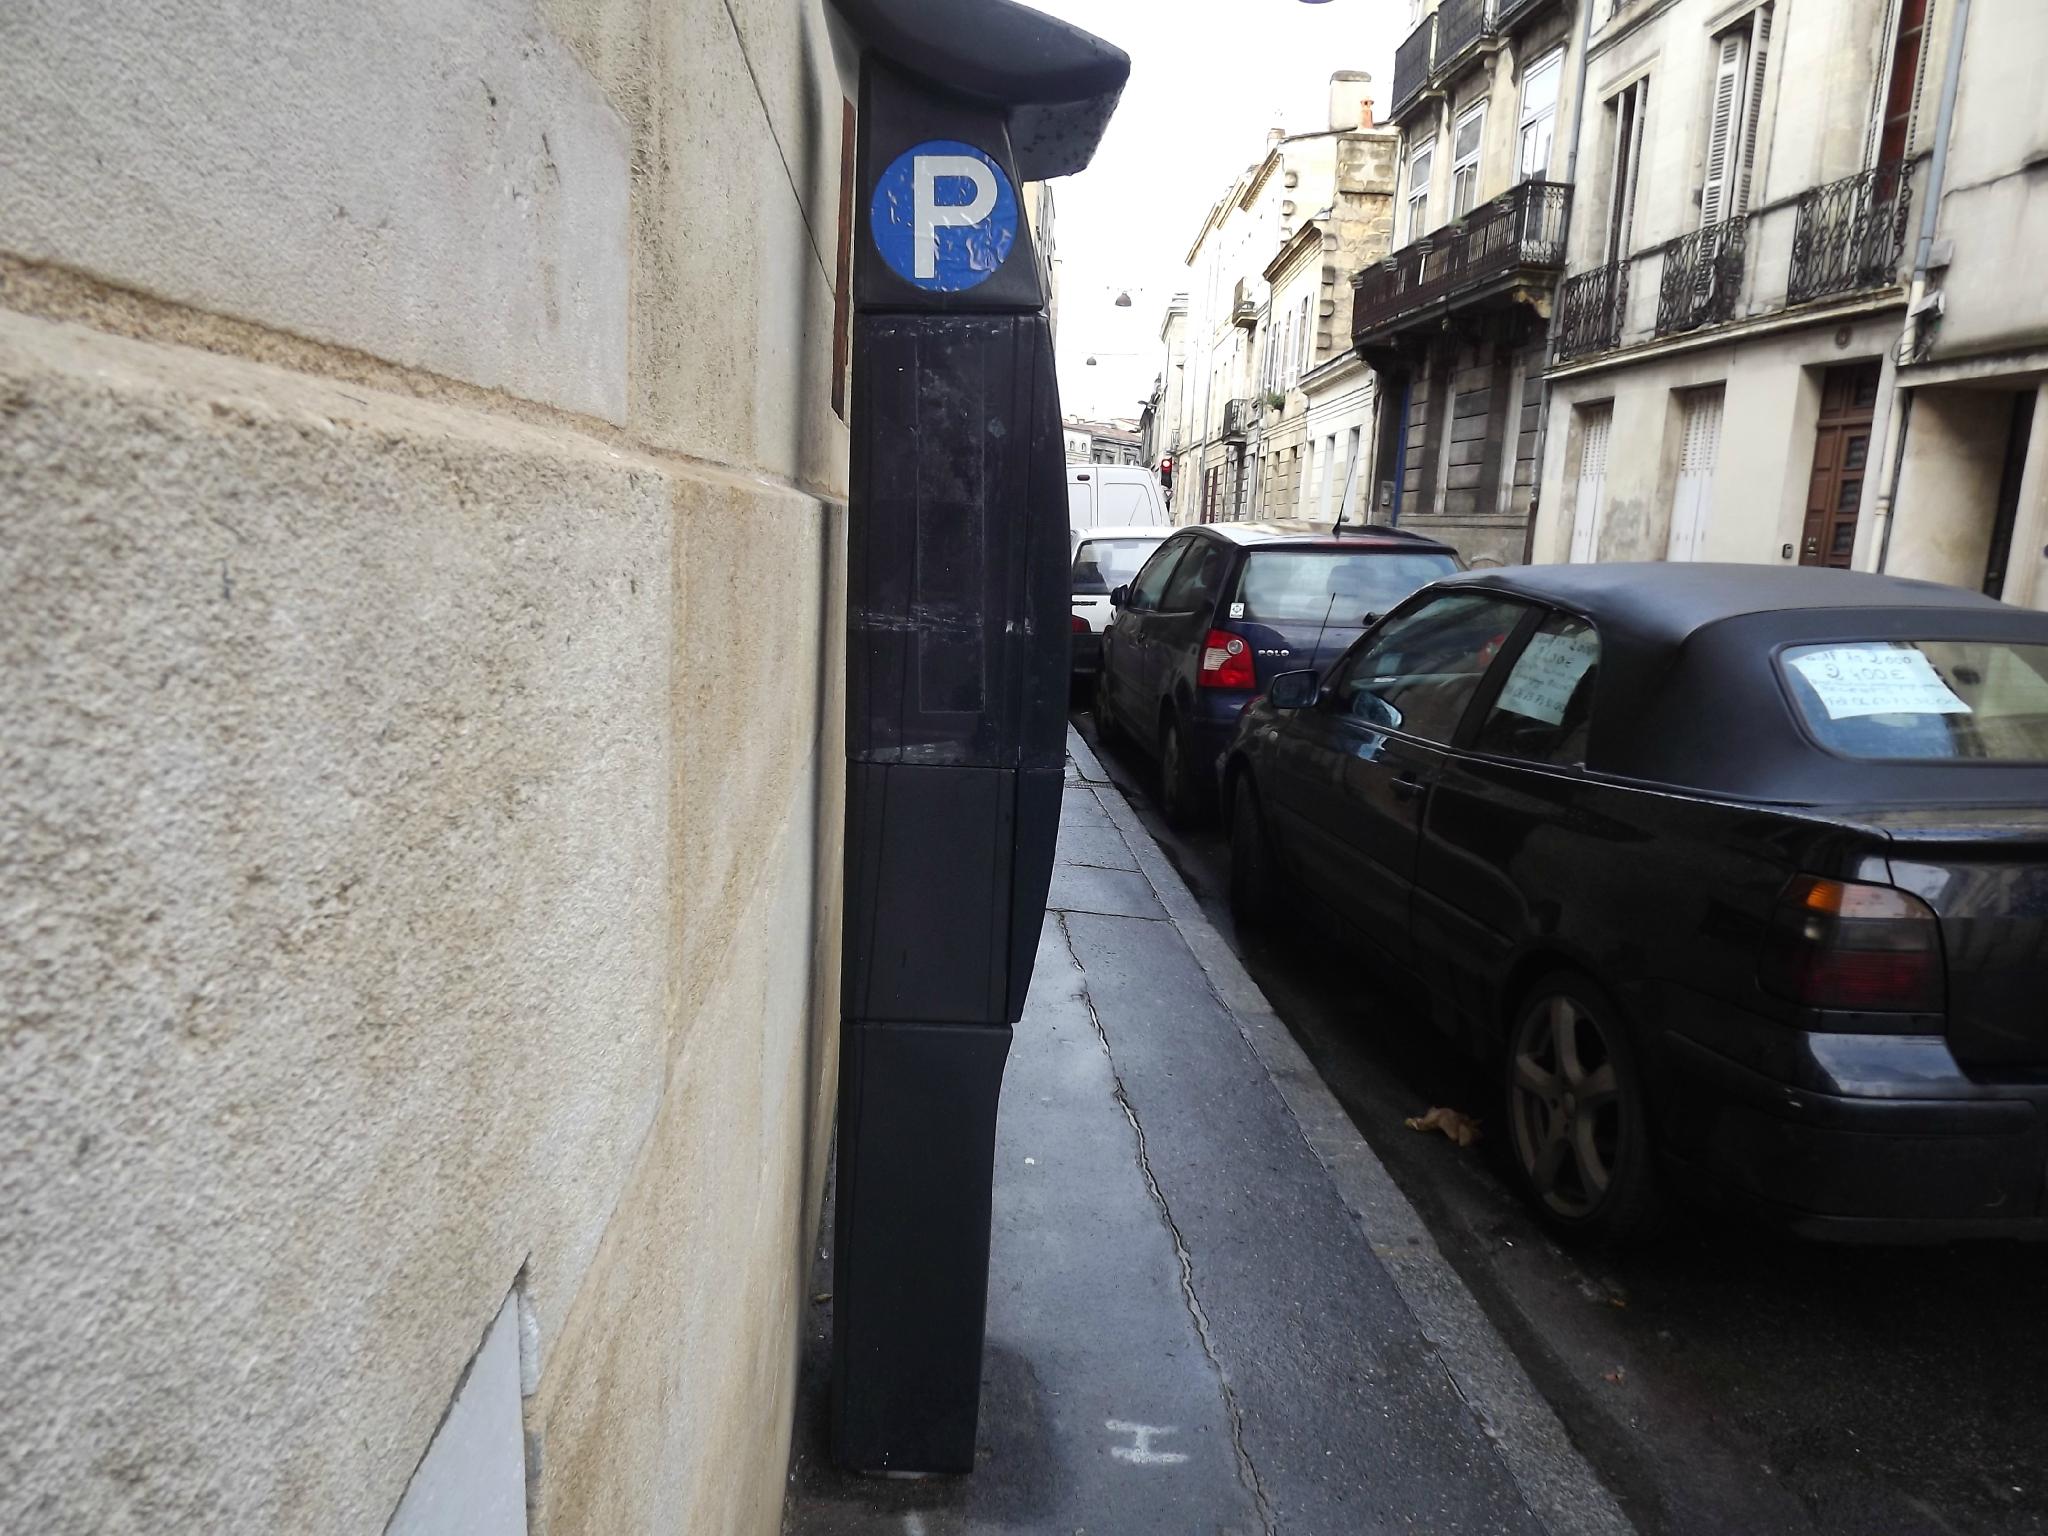 en demandant que les rues secondaires et étroites n'absorbent pas la circulation de l'entrée de ville